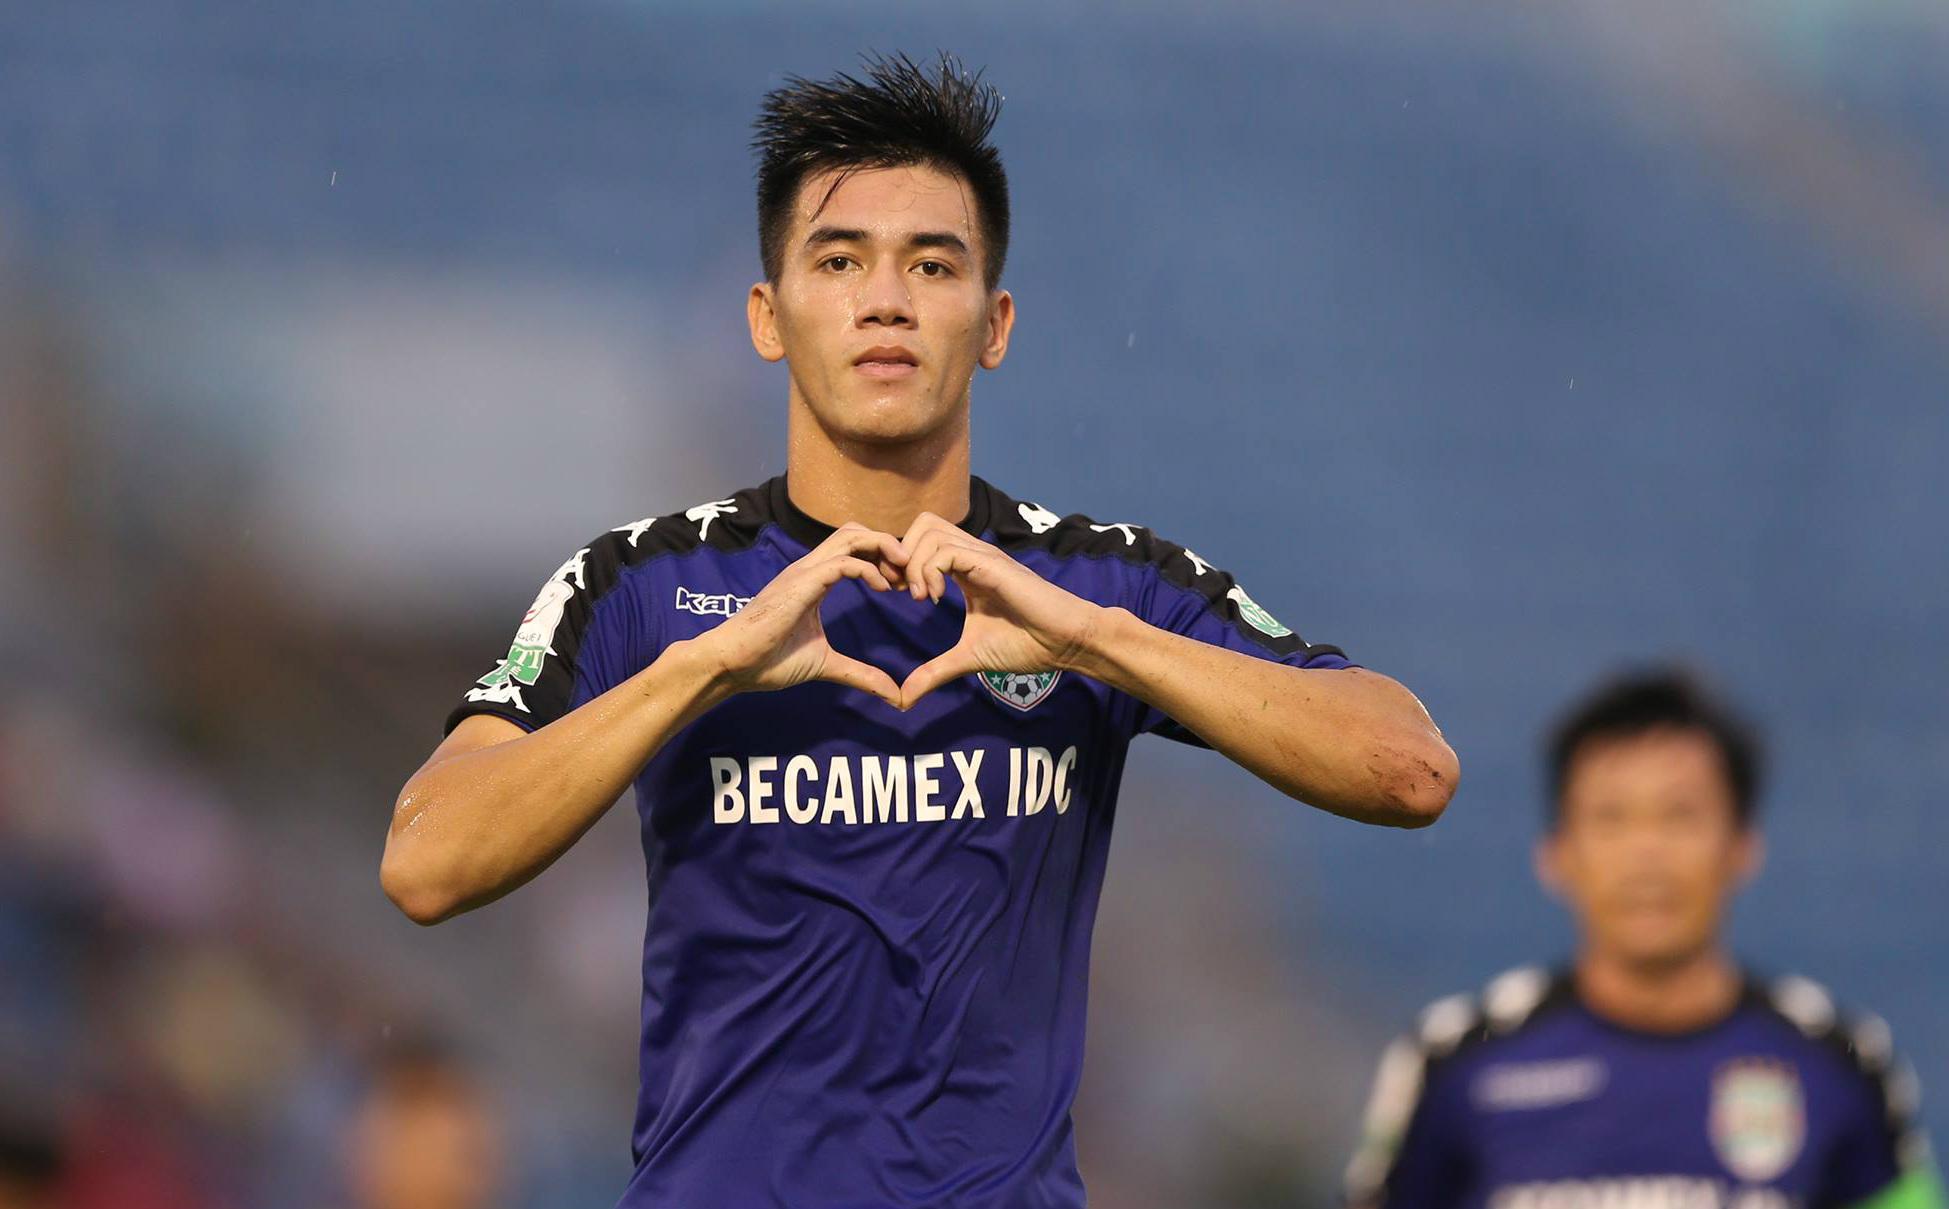 Ngoài Quang Hải, những cầu thủ Việt Nam sáng giá nào được người hâm mộ kỳ vọng tỏa sáng năm 2020? - Ảnh 4